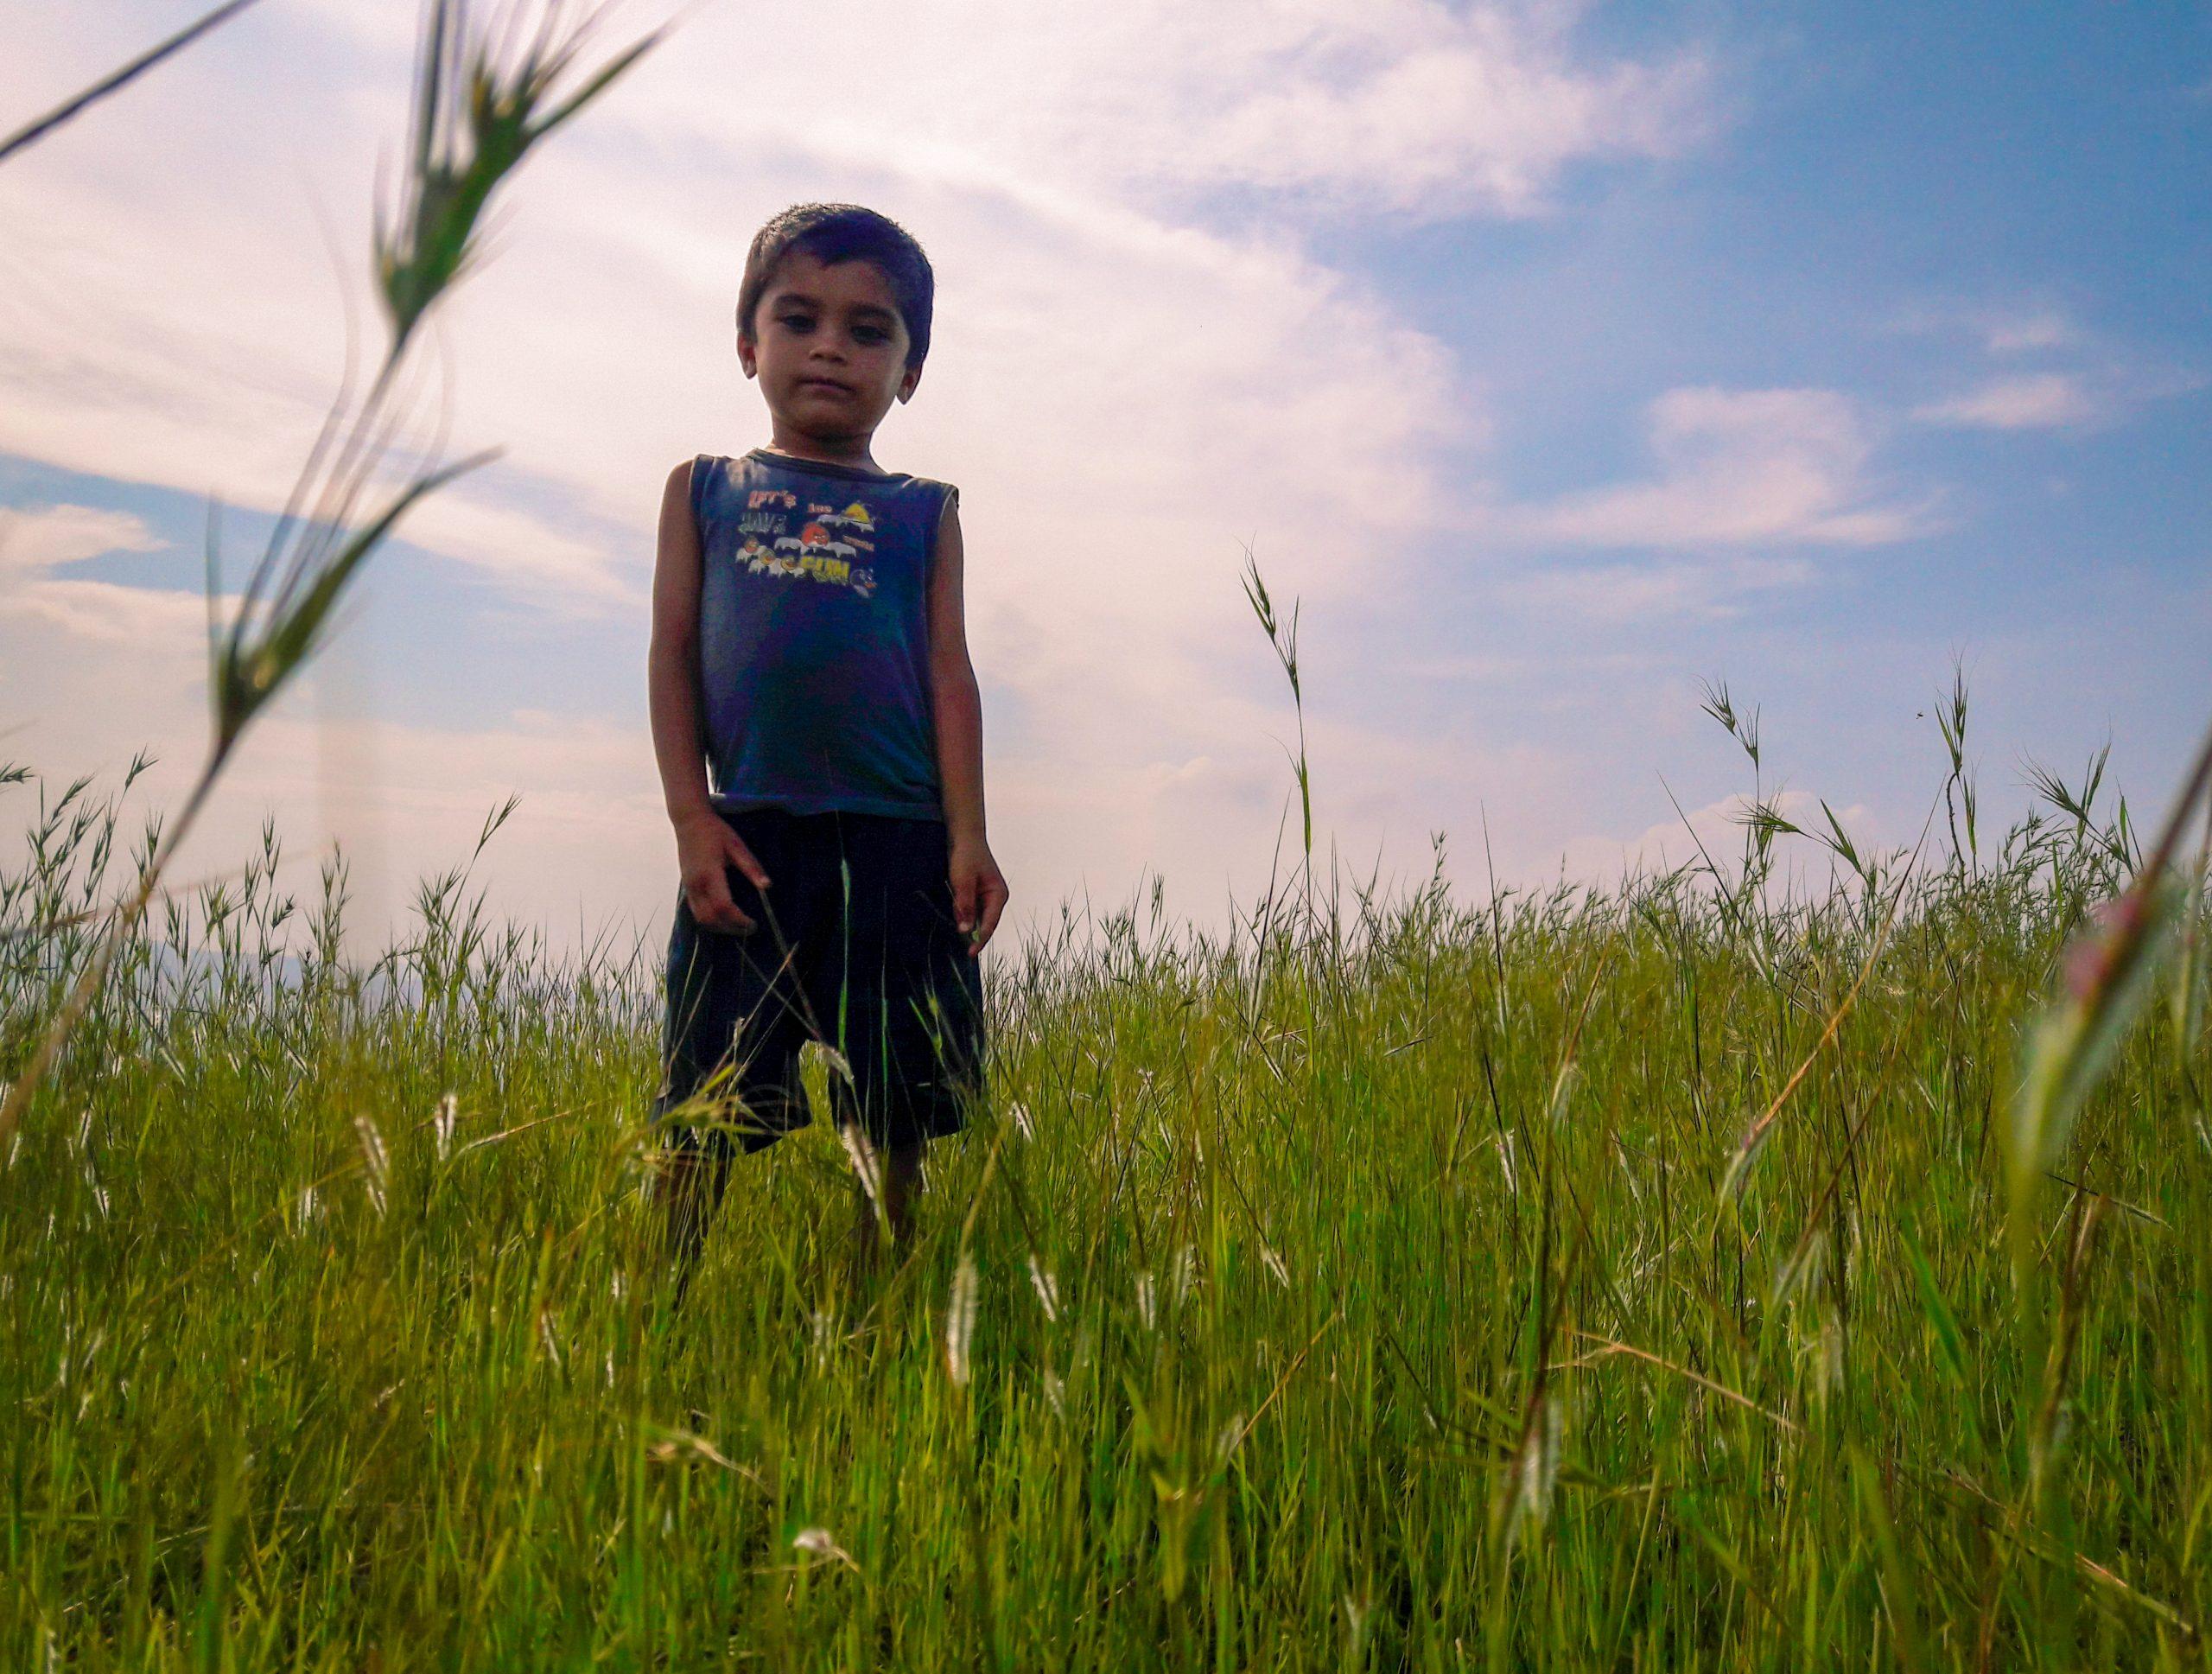 Kid standing in farm